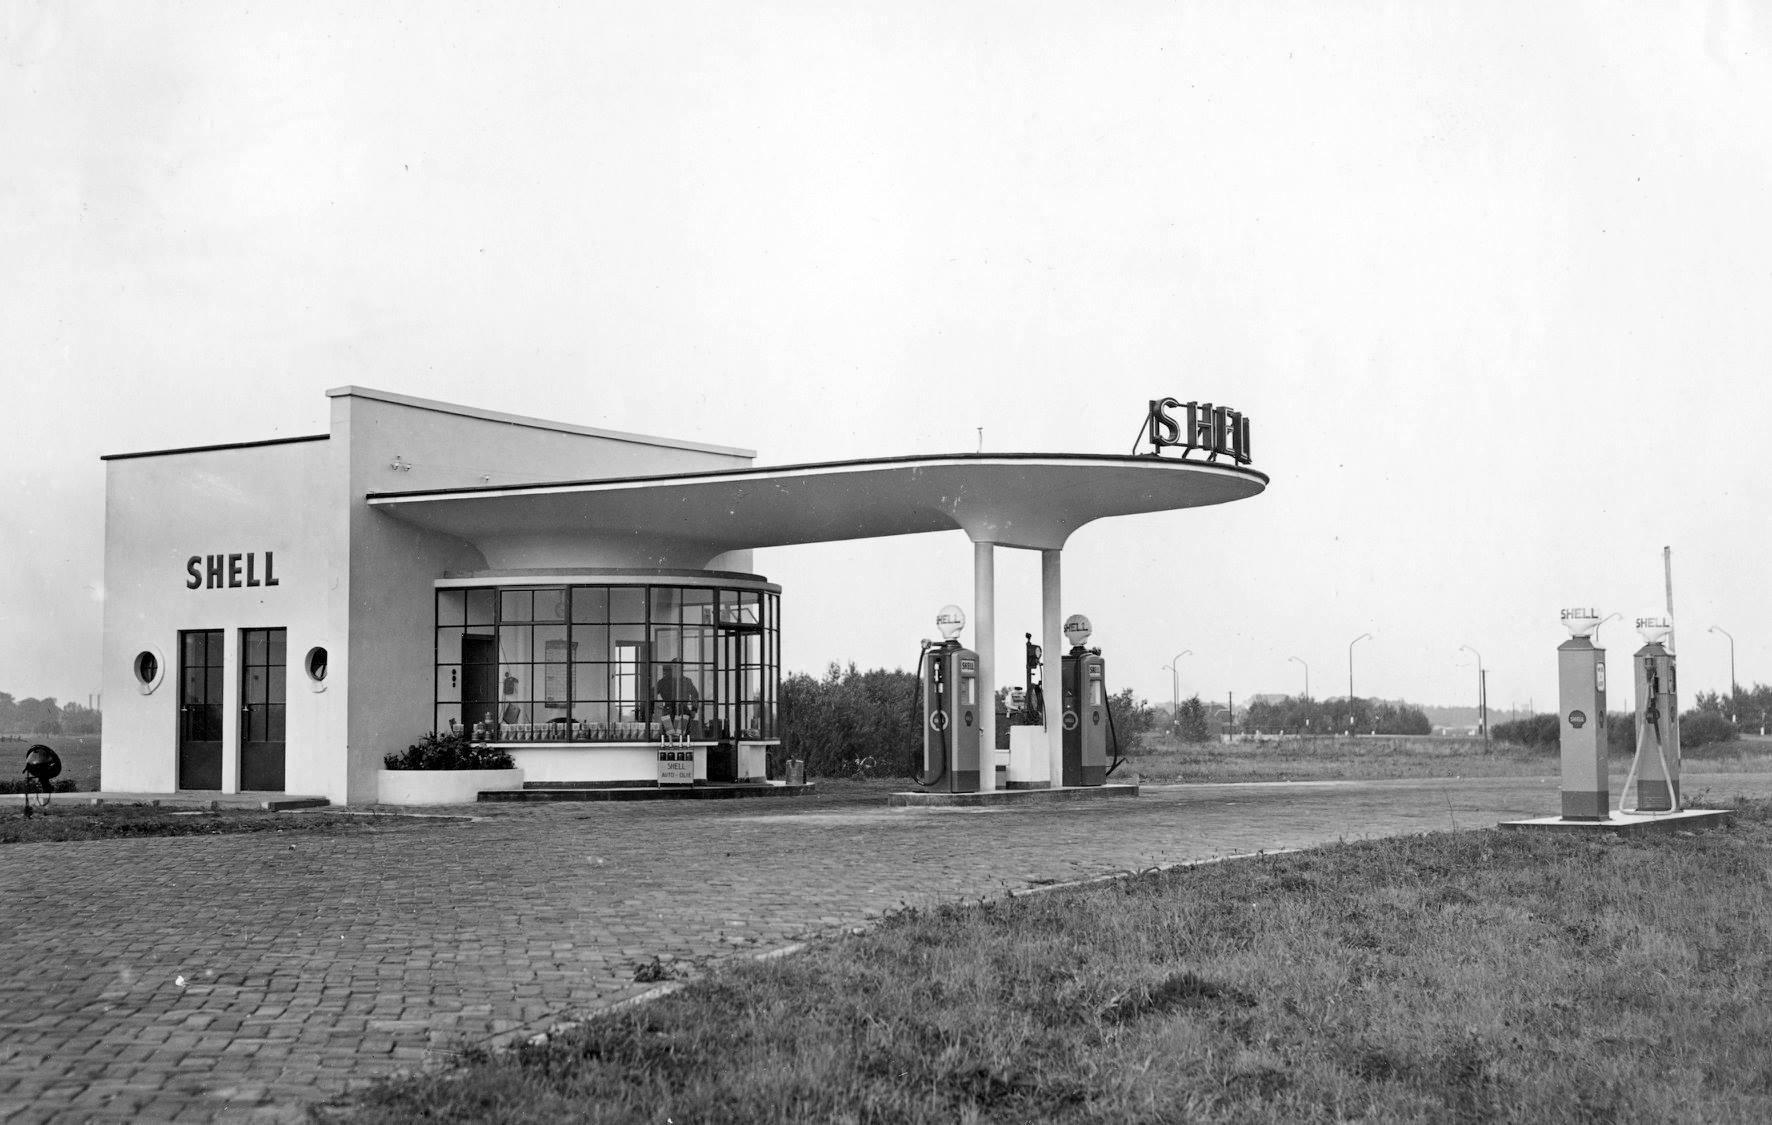 Shell-Benzinestation-Oudenrijn-Rijksweg-12-1939-